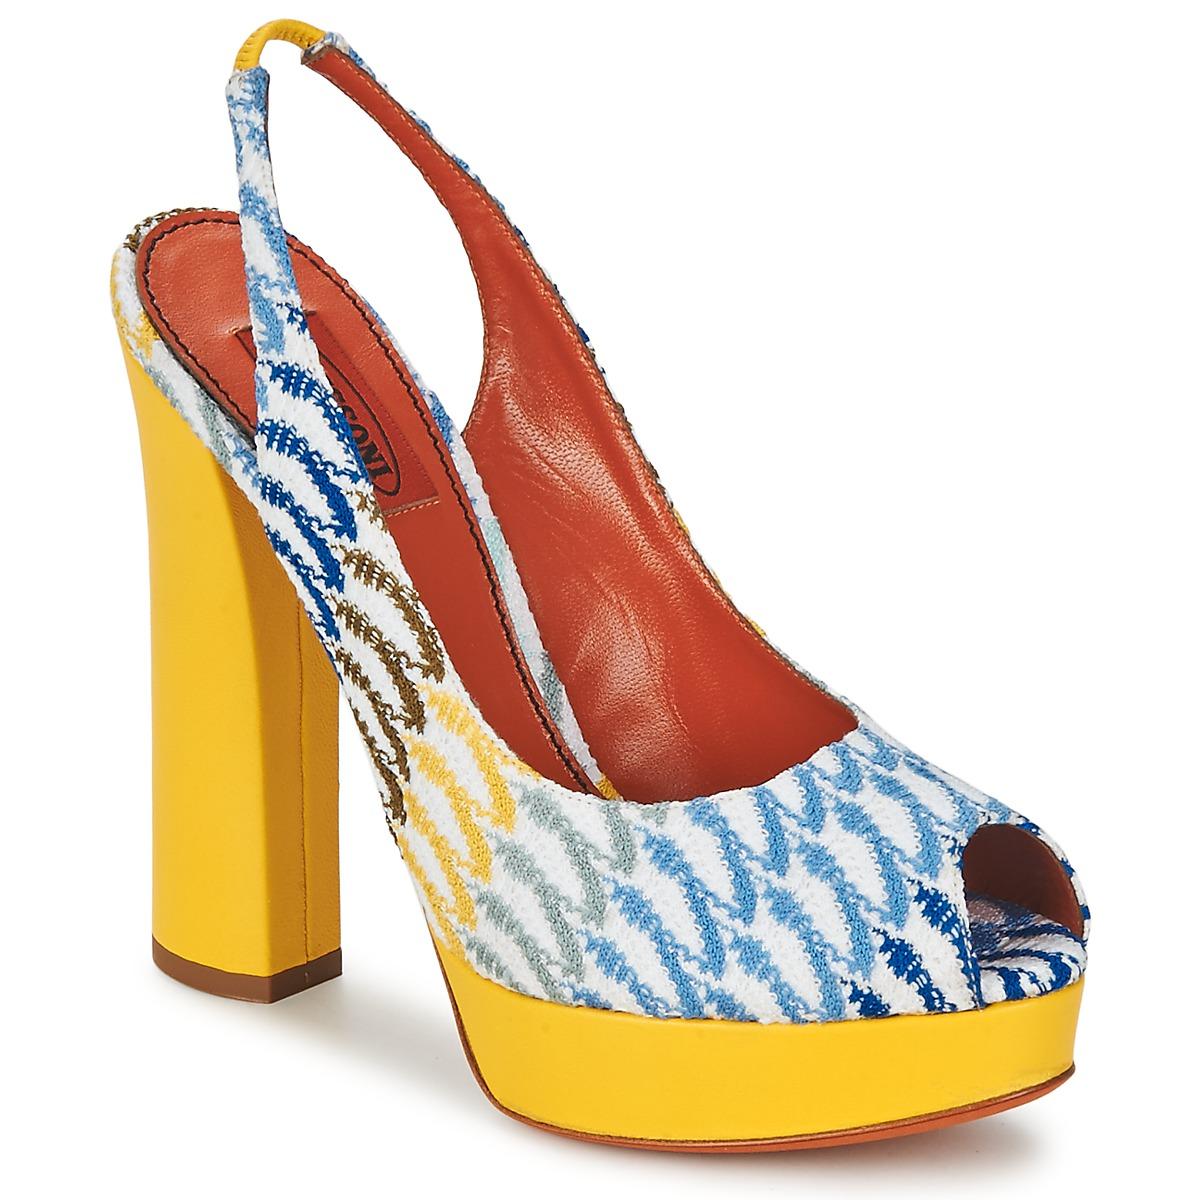 Missoni XM005 Gelb / Blau - Kostenloser Versand bei Spartoode ! - Schuhe Sandalen / Sandaletten Damen 293,40 €